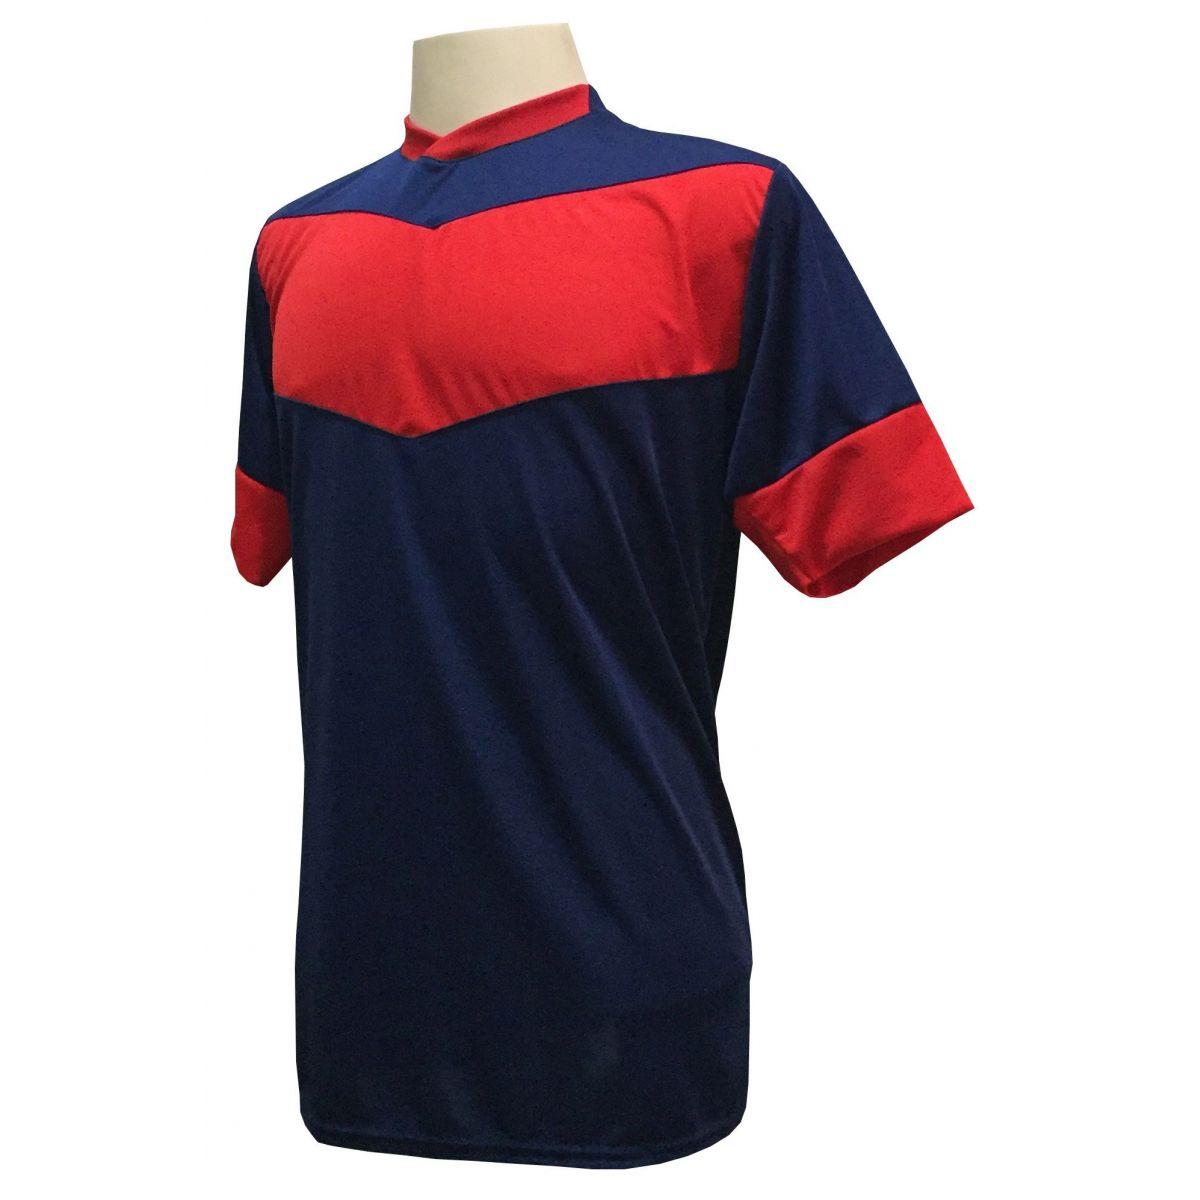 Fardamento Completo Modelo Columbus 18+1 (18 Camisas Marinho/Vermelho + 18 Calções Madrid Marinho + 18 Pares de Meiões Marinho + 1 Conjunto de Goleiro) + Brindes